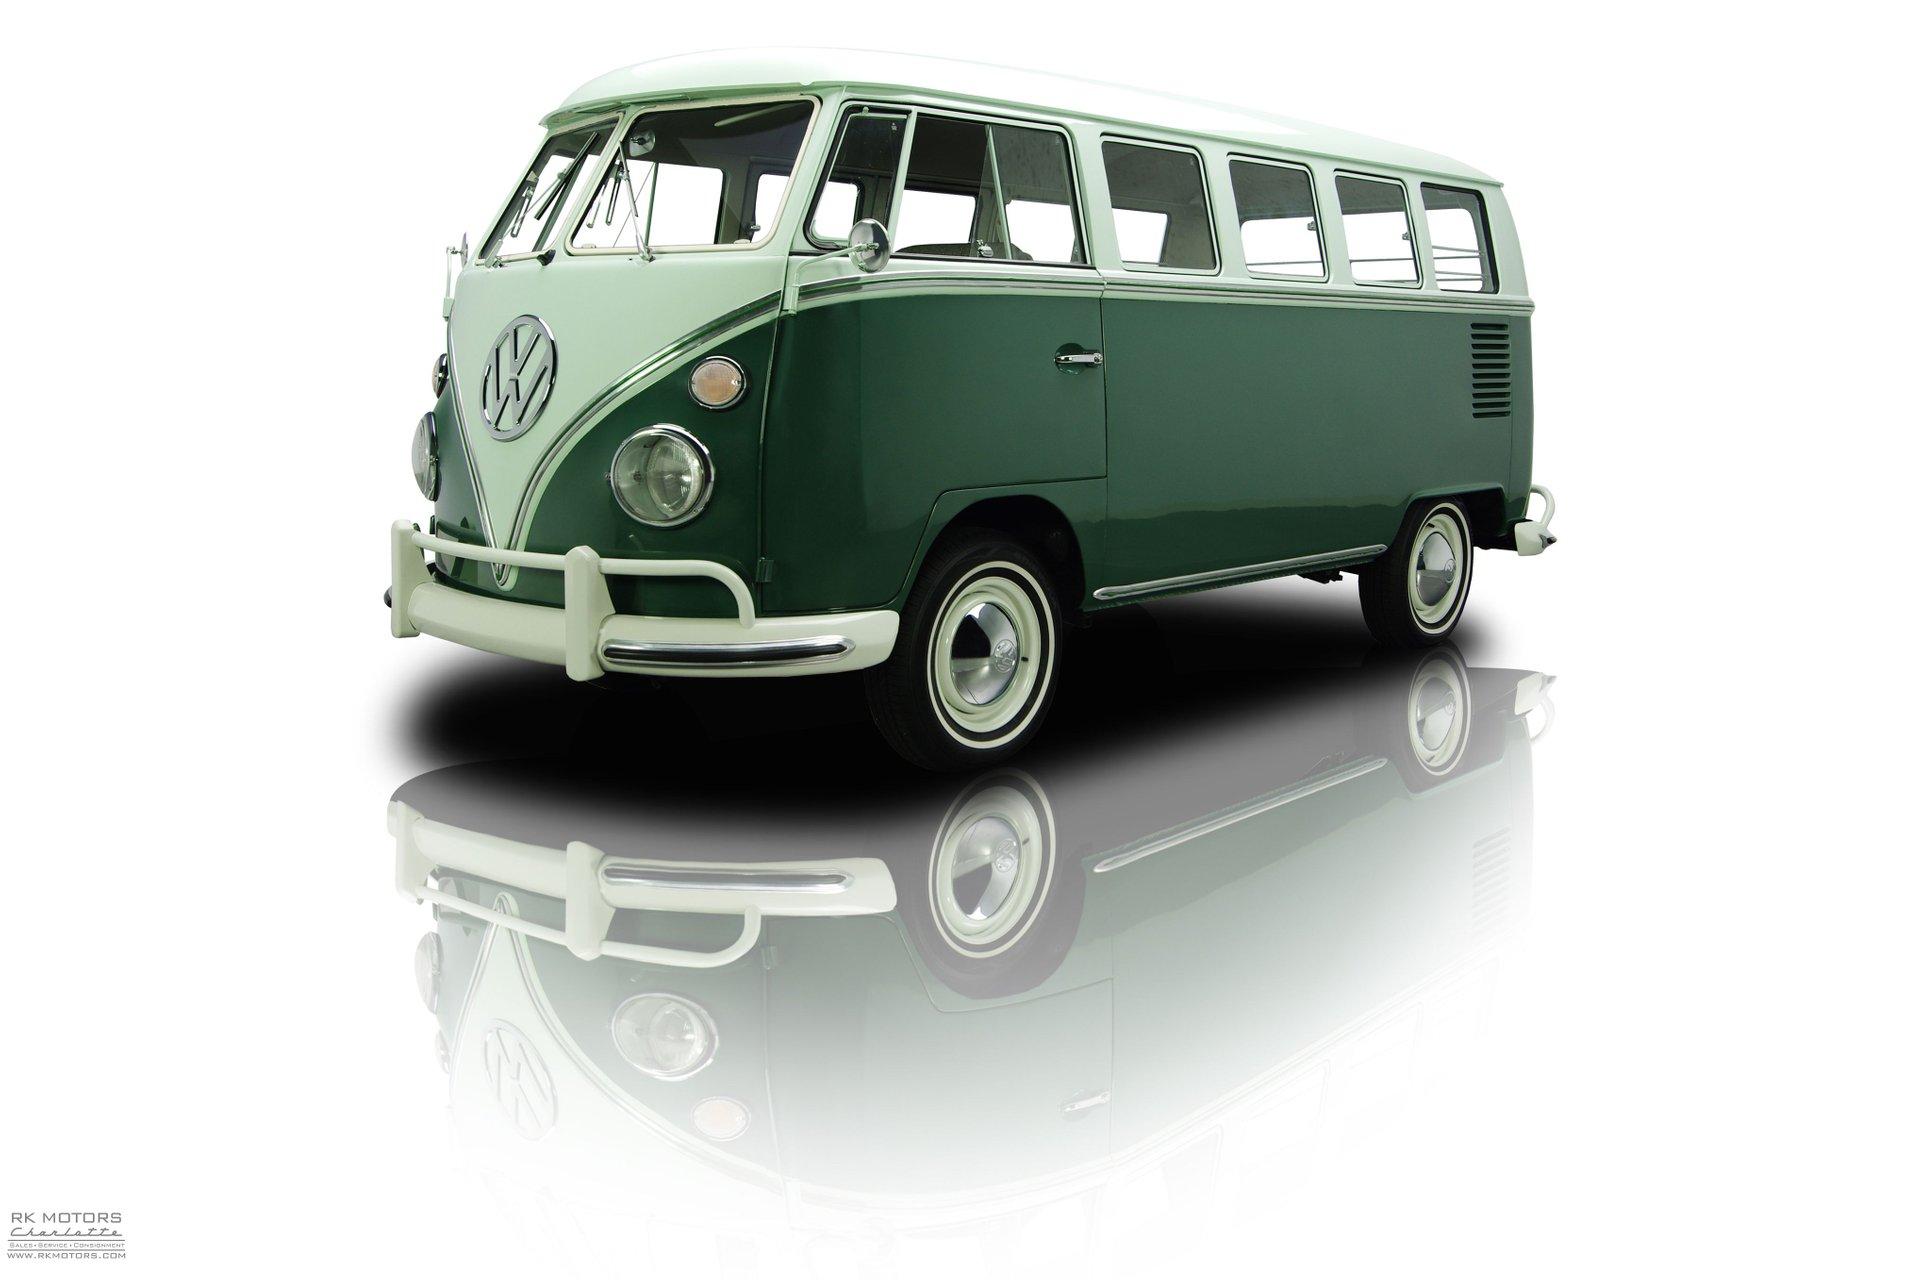 1965 volkswagen microbus 13 window